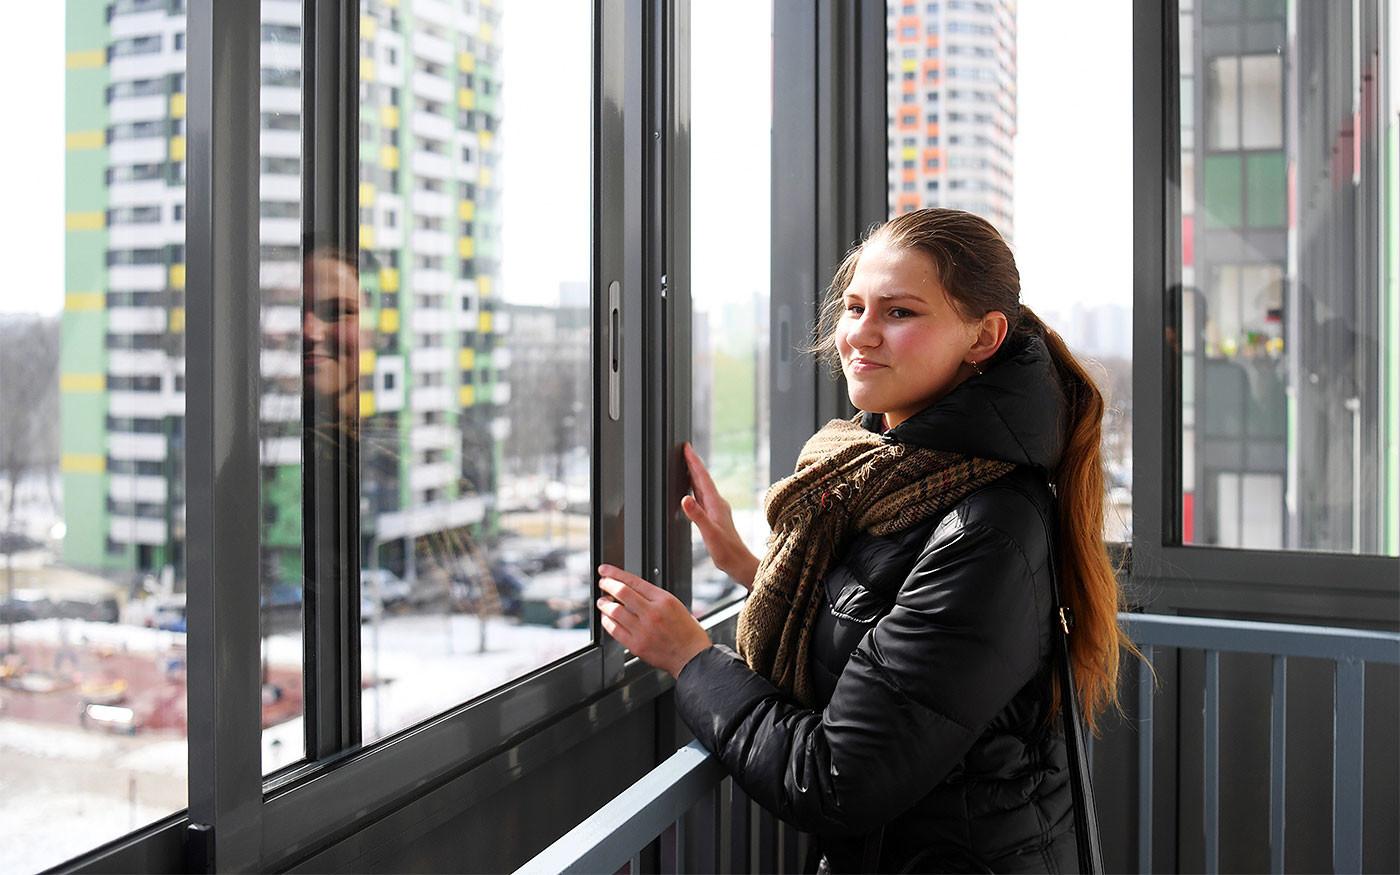 Лоджия в многоэтажном жилом доме в Москве. Фото: © РИА Новости/Евгений Биятов